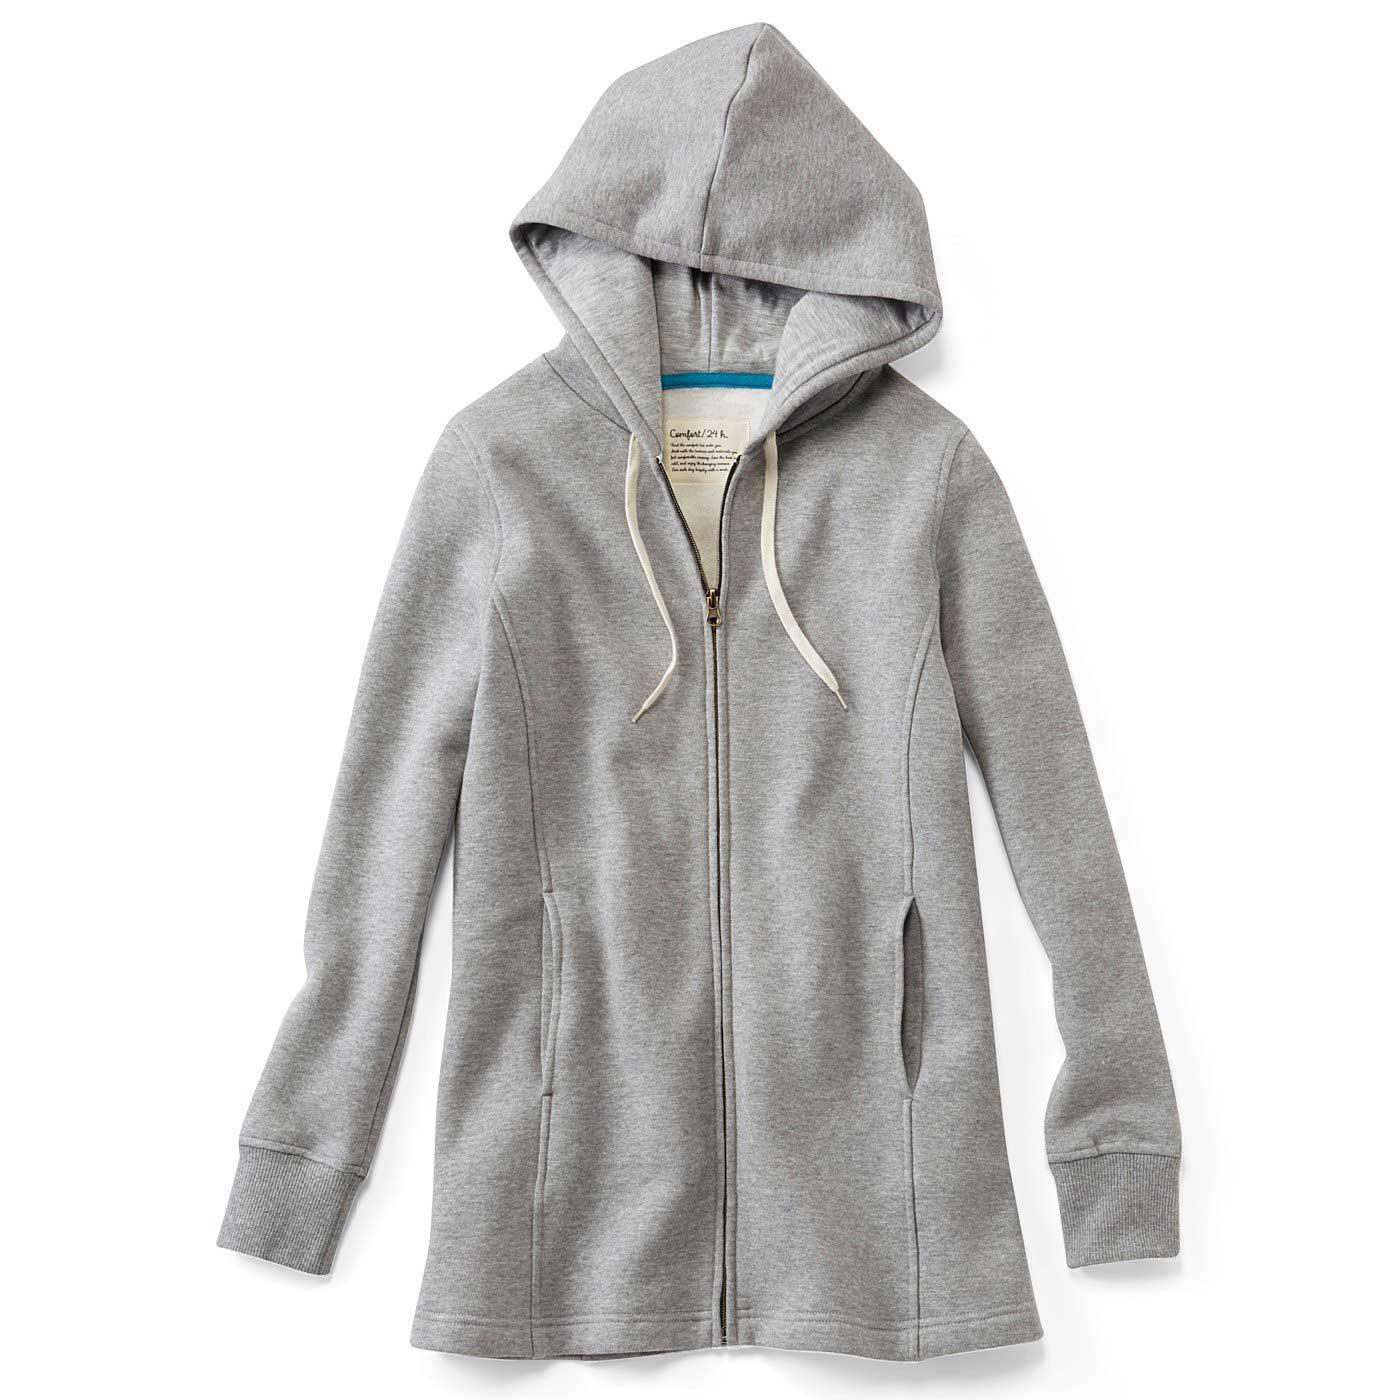 〈杢(もく)グレー〉立体設計だから着るだけですっきりシルエット。